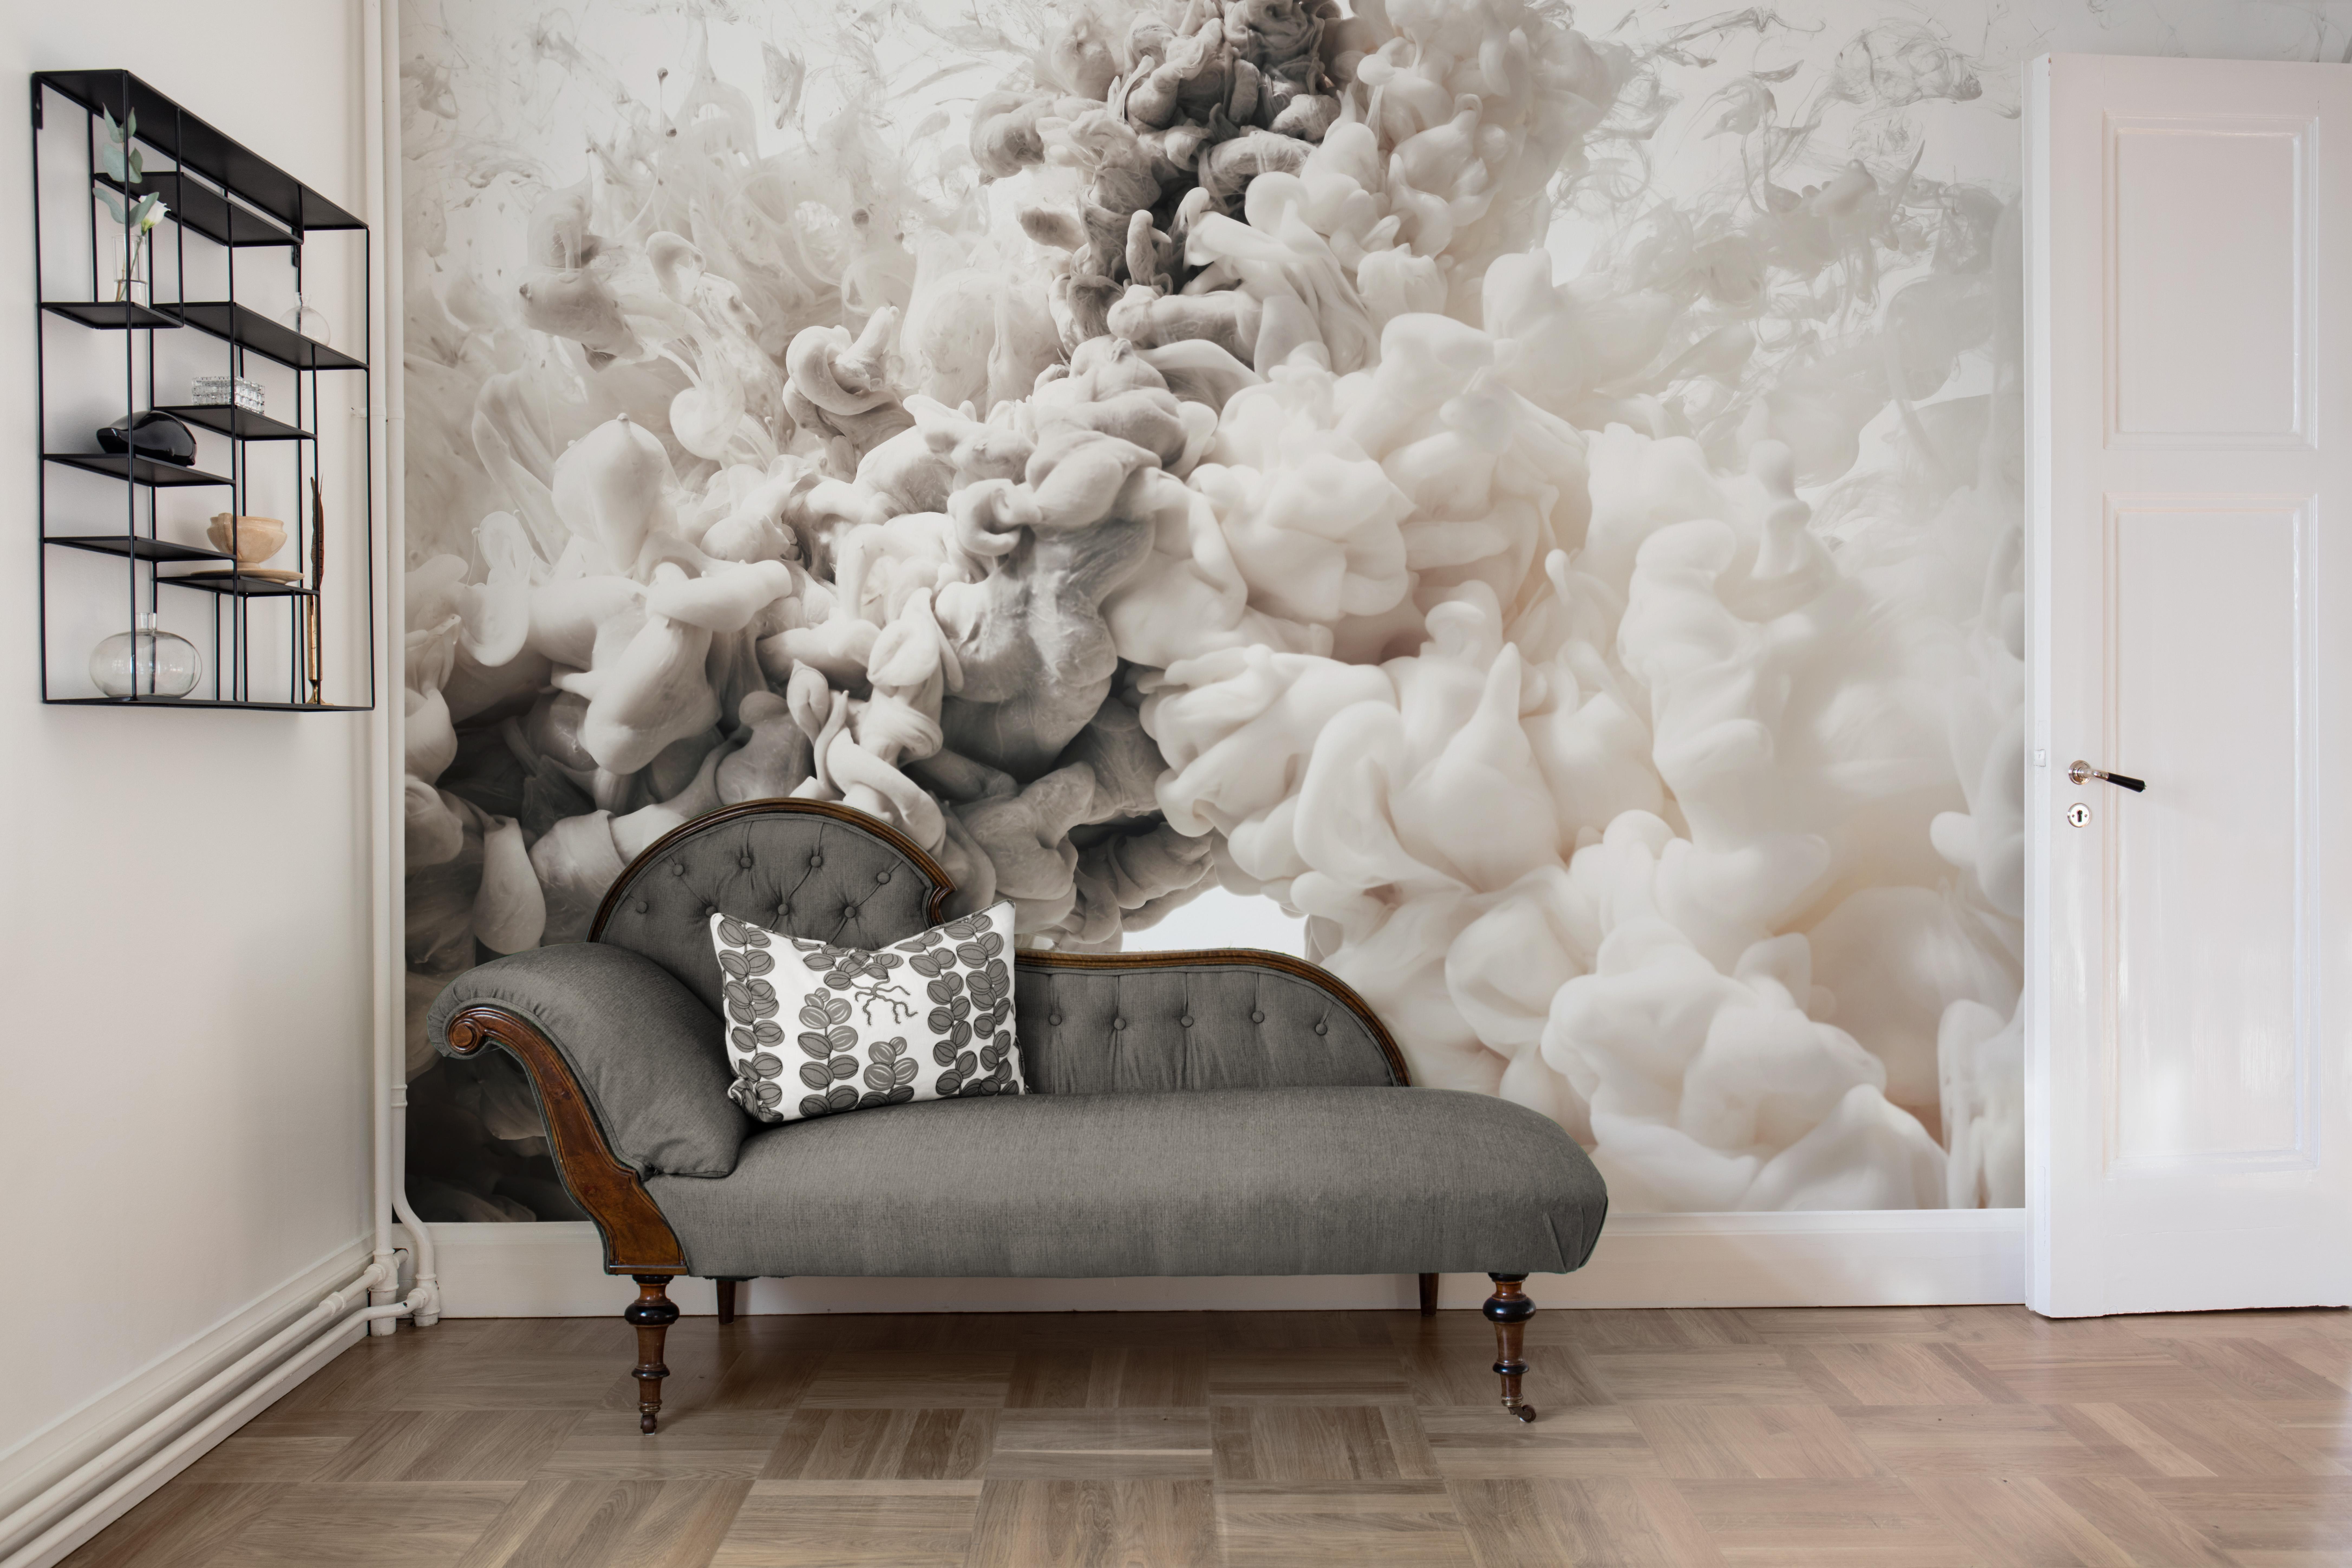 Papiers-peints - Panoramique